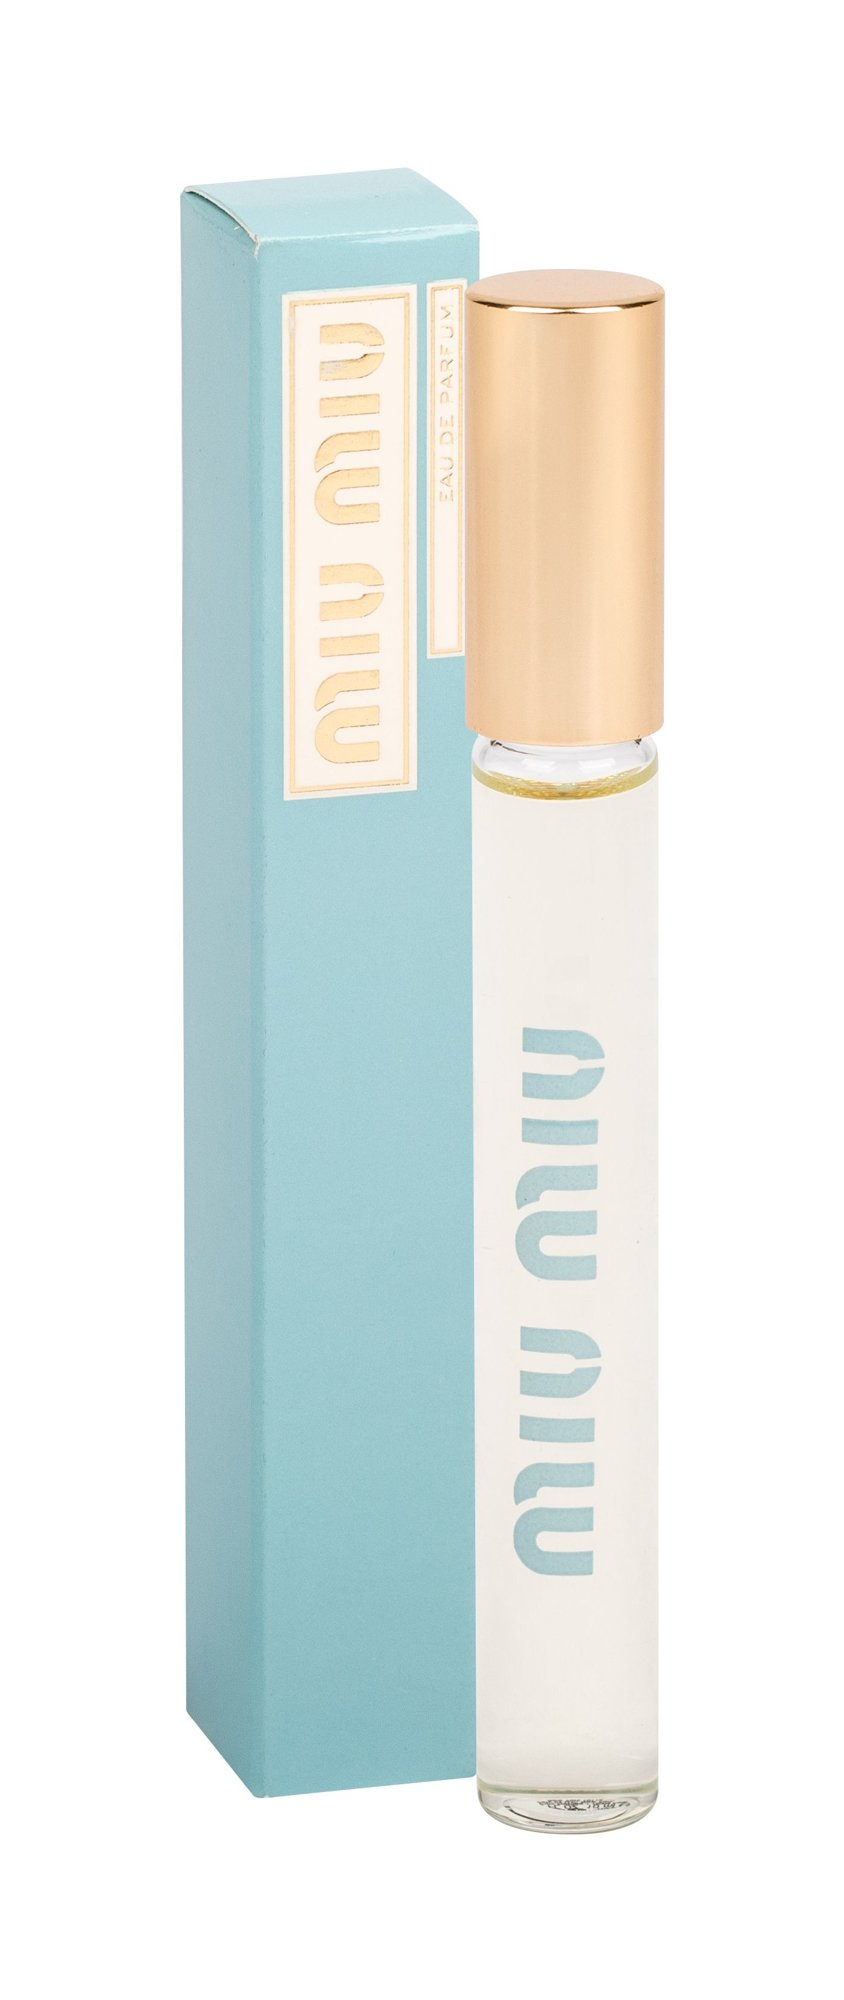 Miu Miu Miu Miu Eau de Parfum 10ml